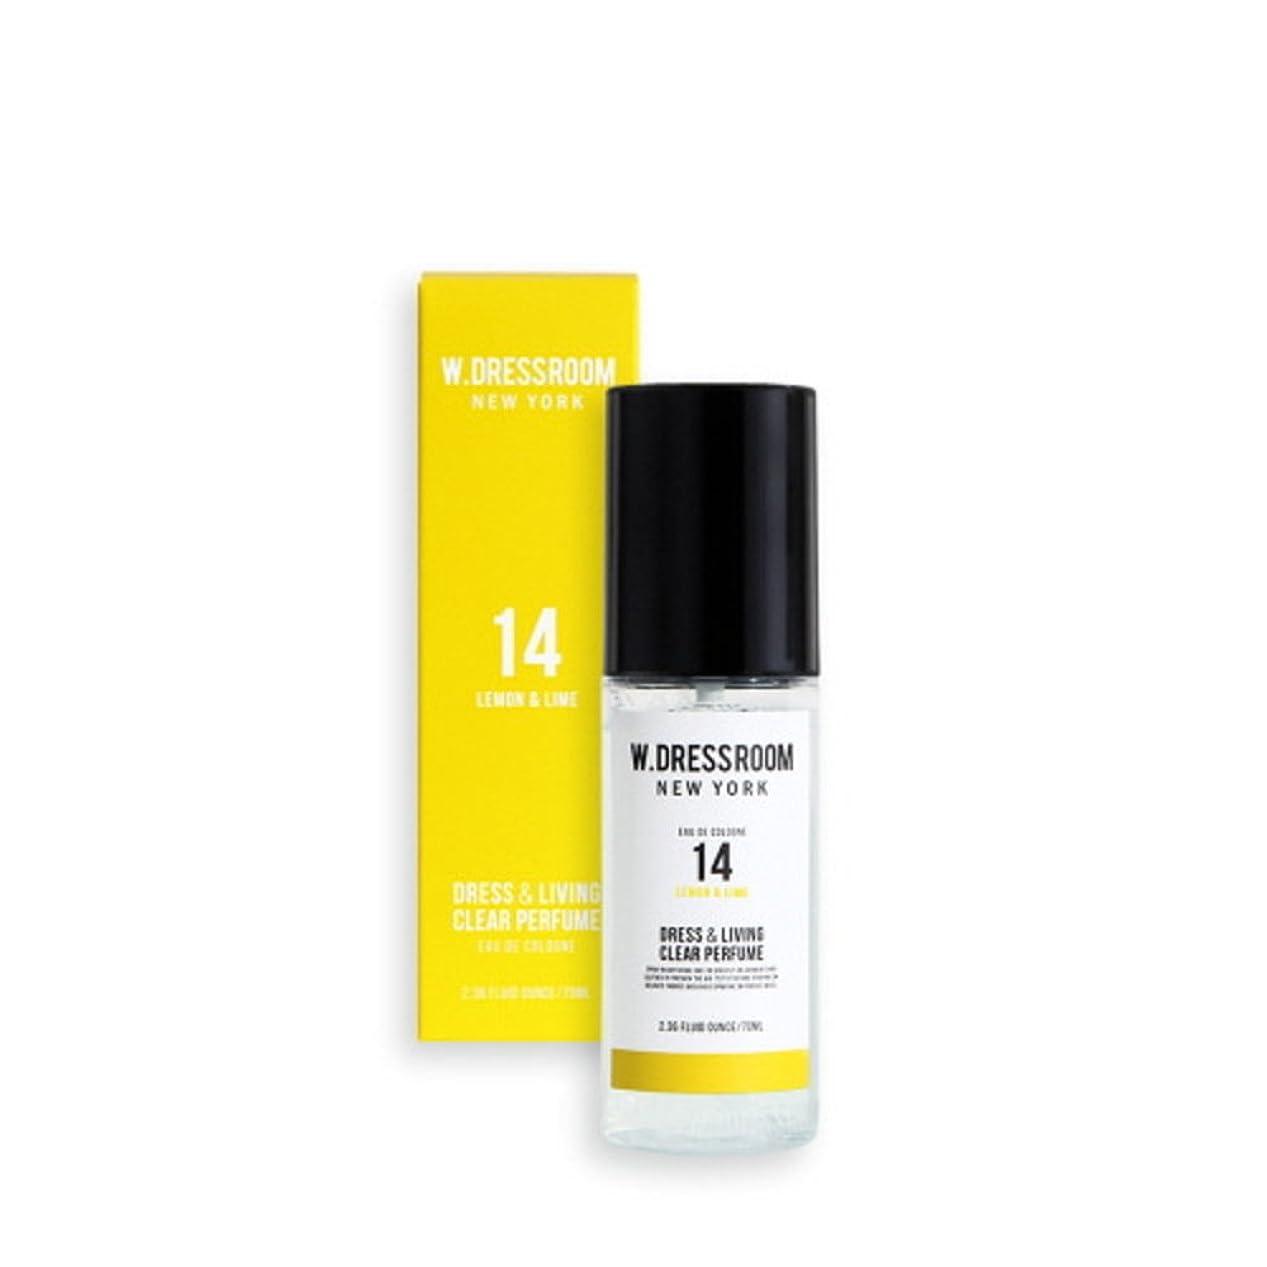 塩辛い羊飼い腹痛W.DRESSROOM Dress & Living Clear Perfume fragrance 70ml (#No.14 Lemon & Lime)/ダブルドレスルーム ドレス&リビング クリア パフューム 70ml (#No.14 Lemon & Lime)